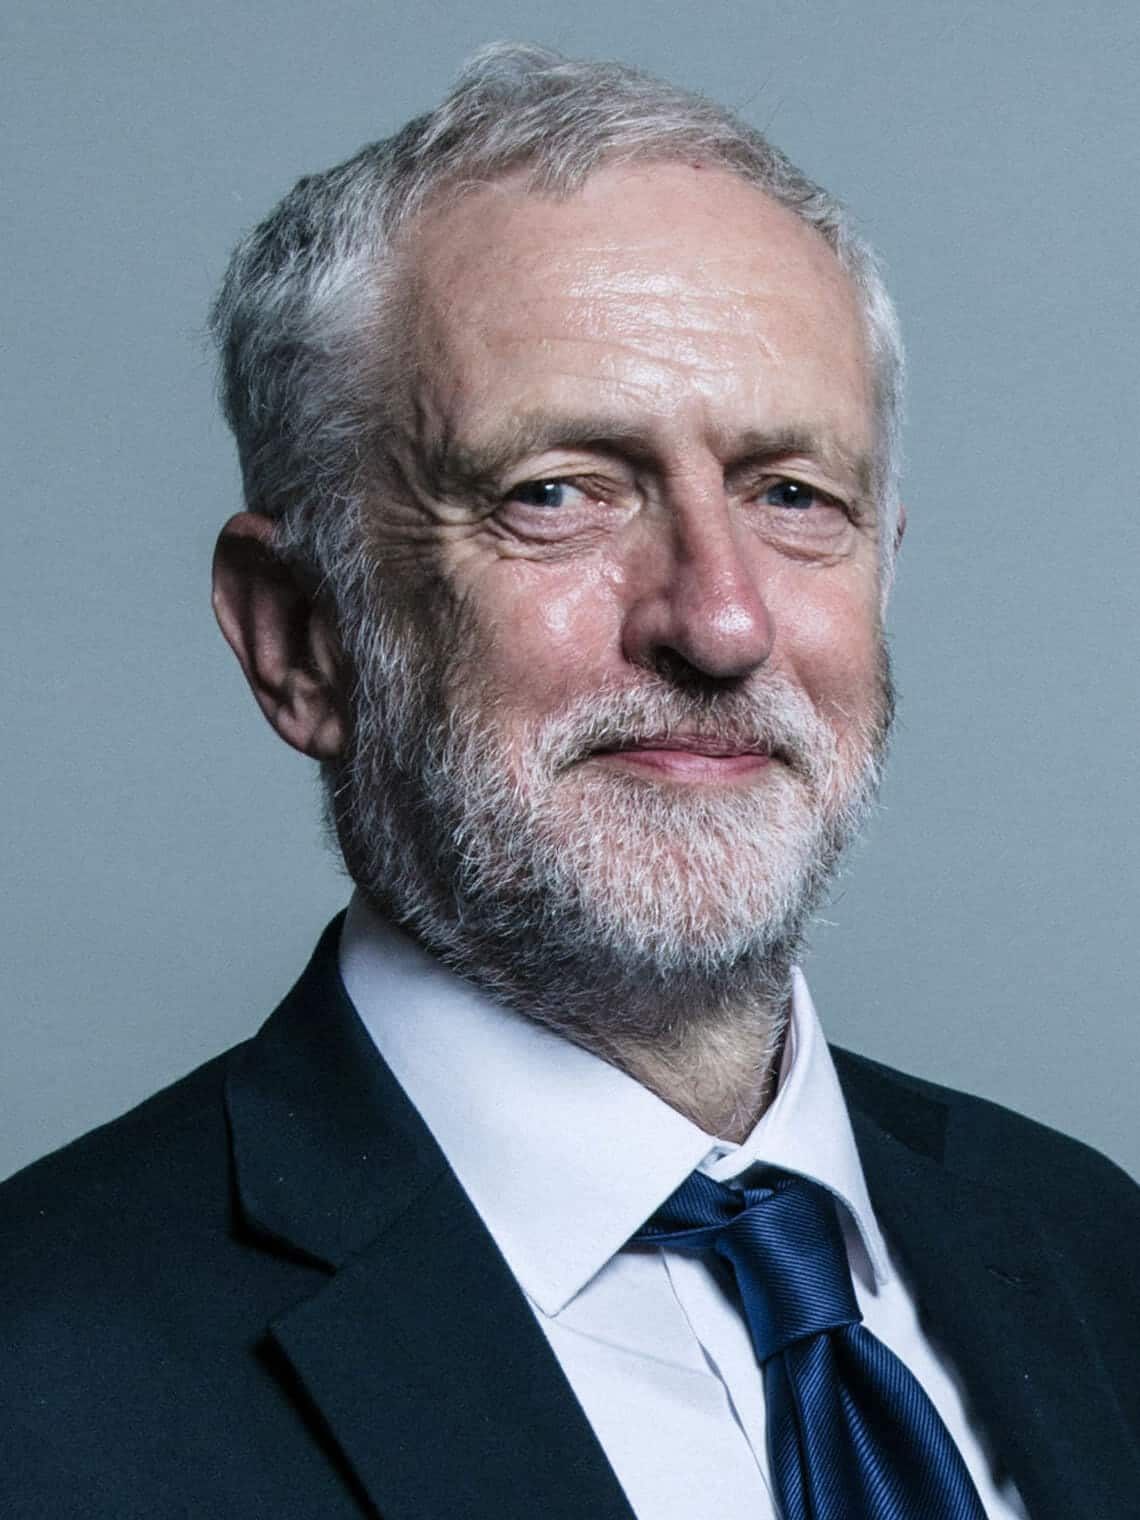 Official portrait of Jeremy Corbyn crop 2